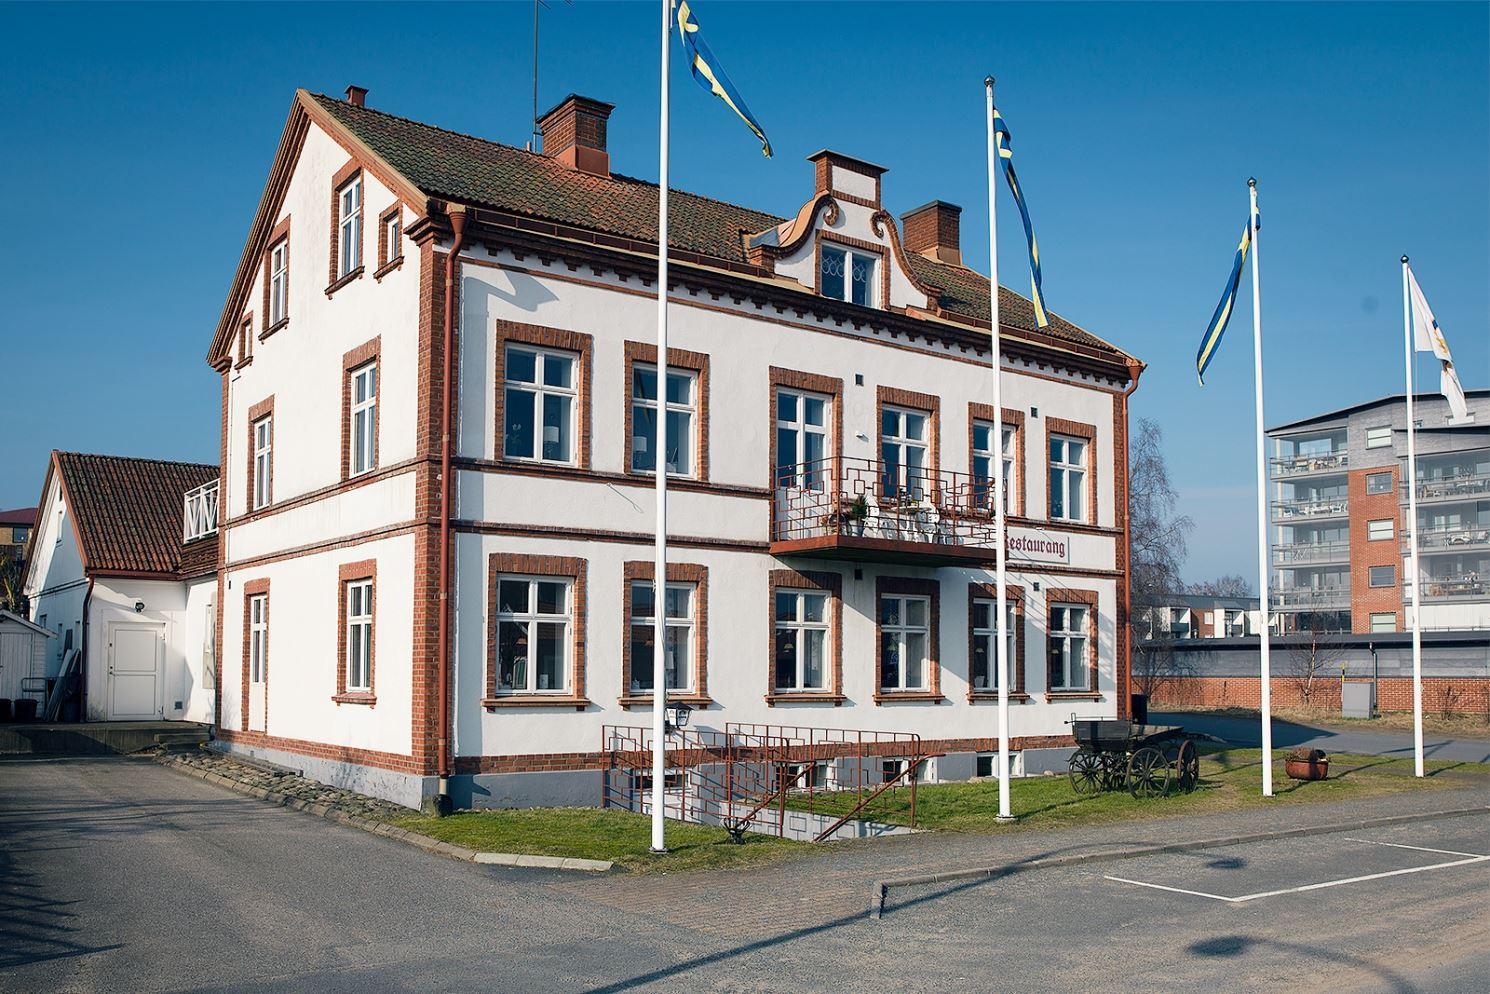 Järnvägshotellet - restaurang & catering i Skillingaryd